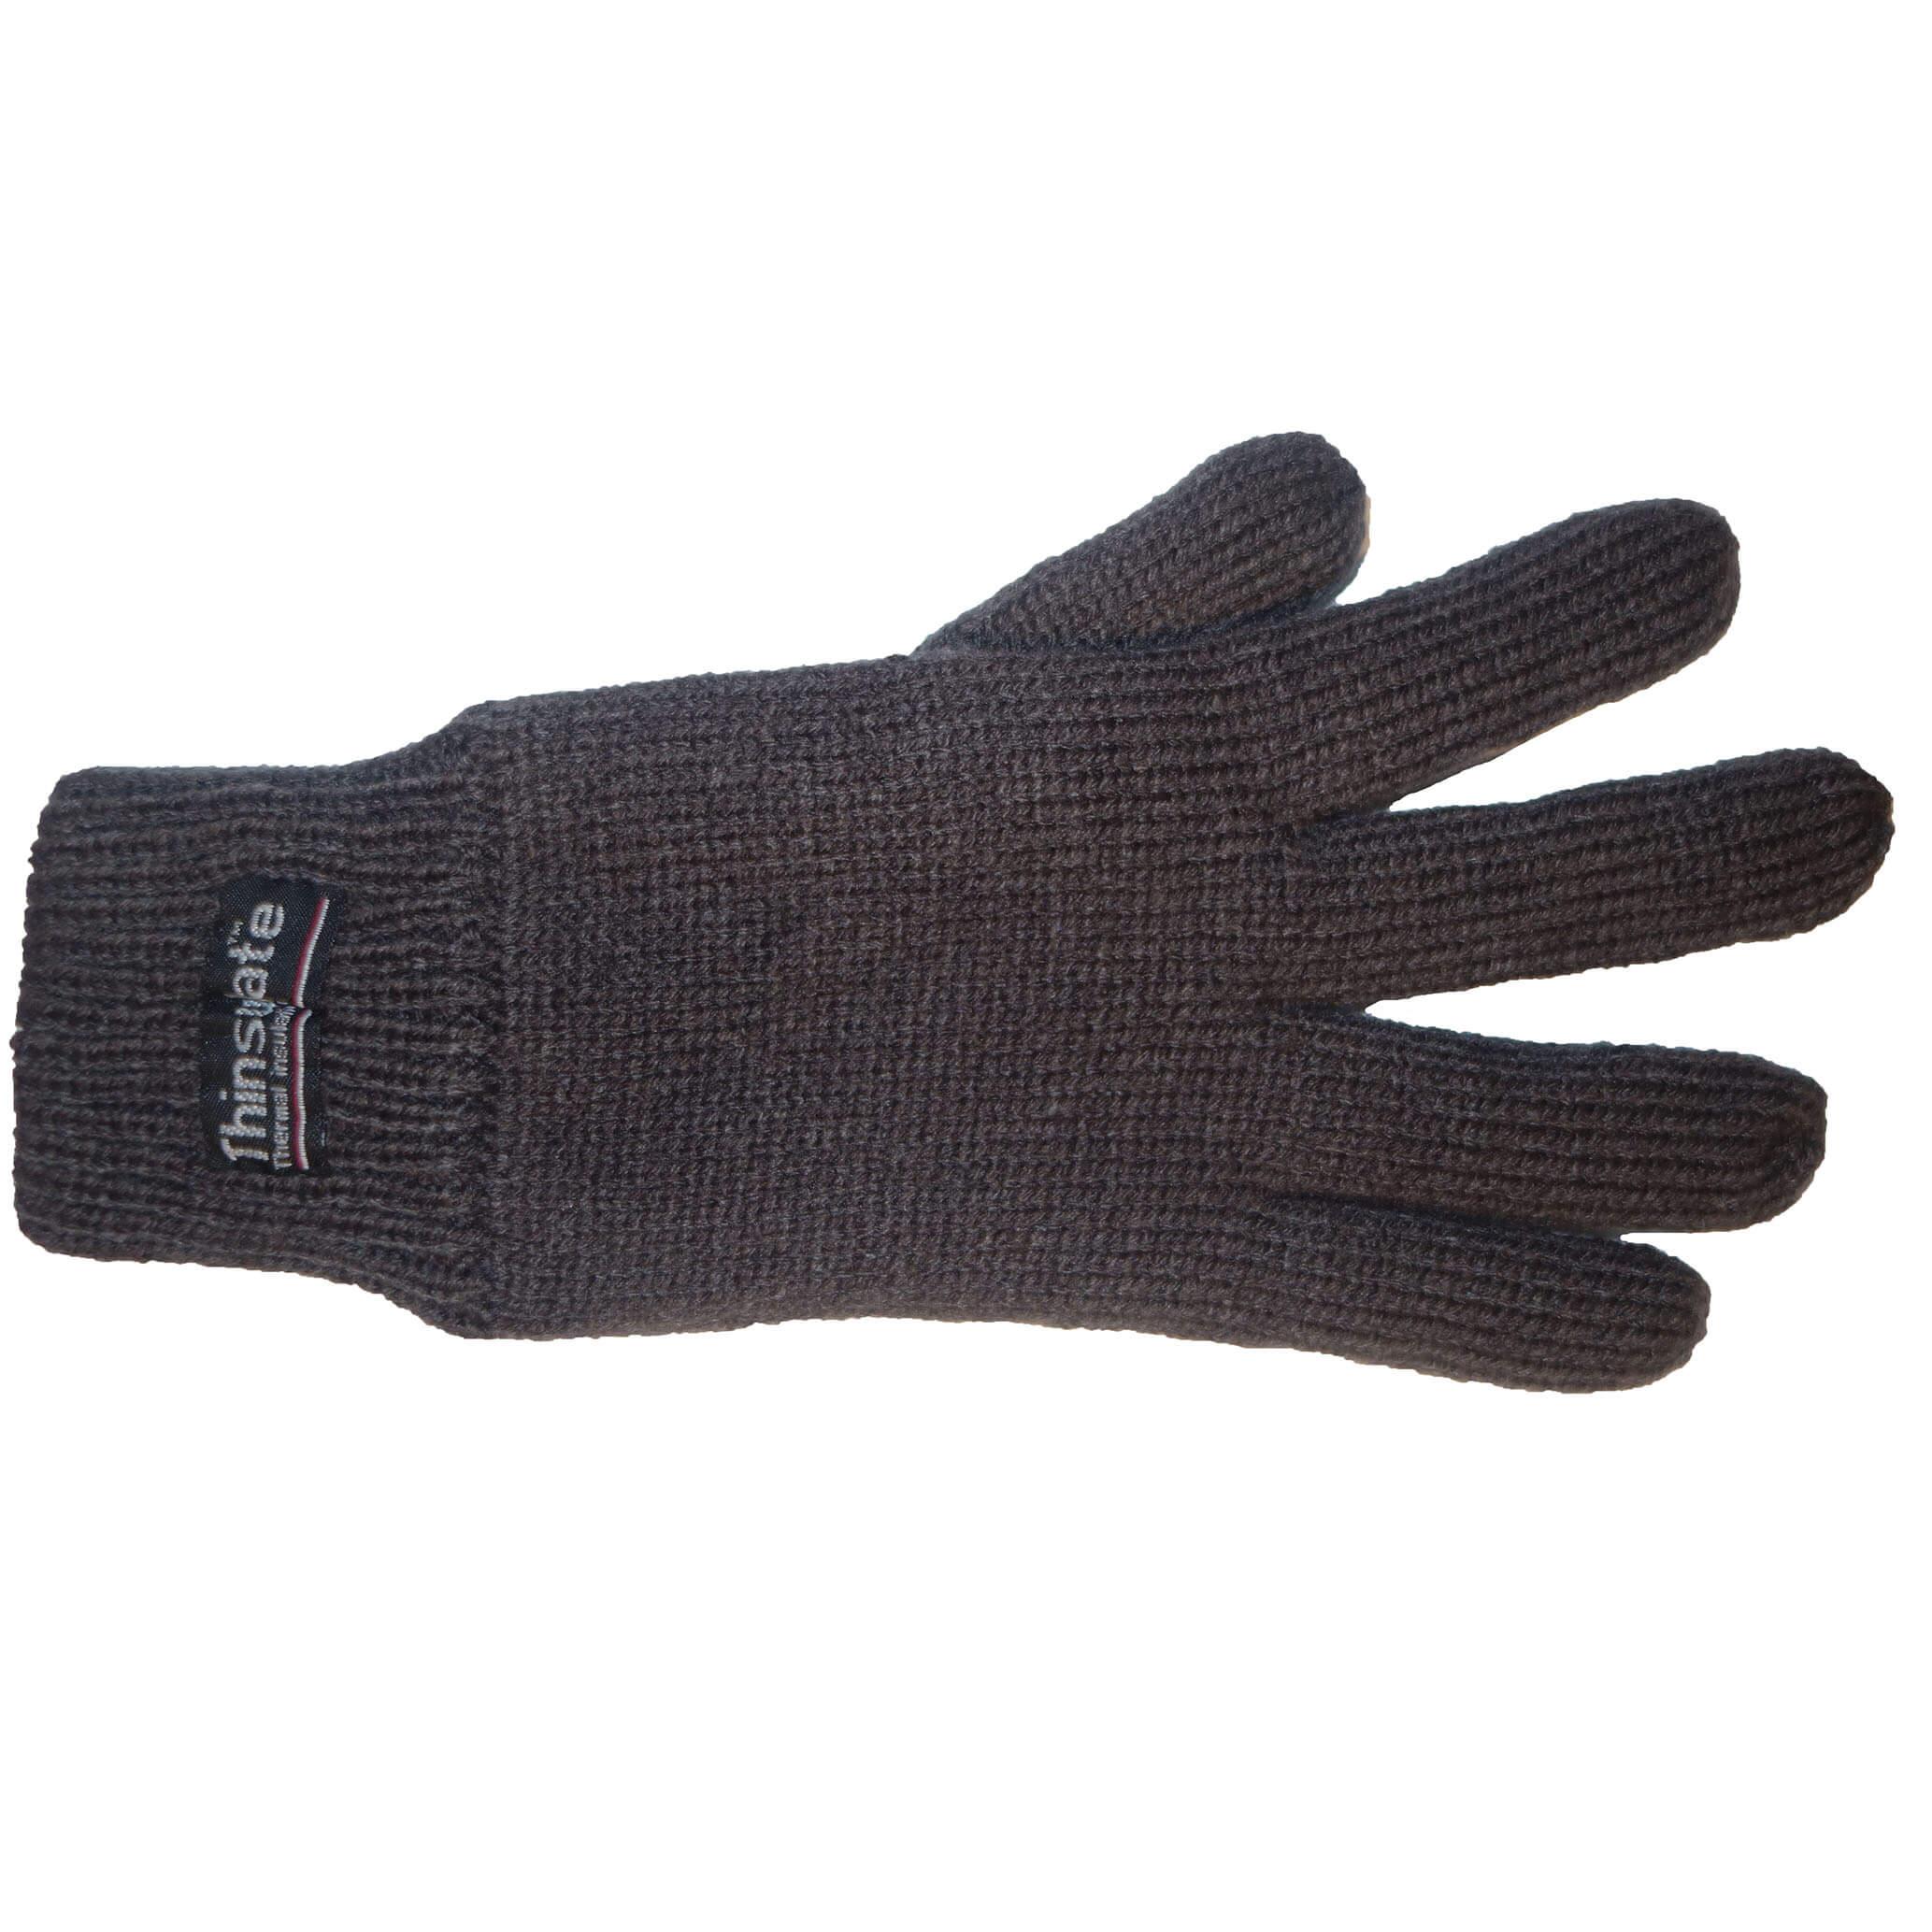 Thinsulate Handschoenen Grijs/Bruin S/M-0